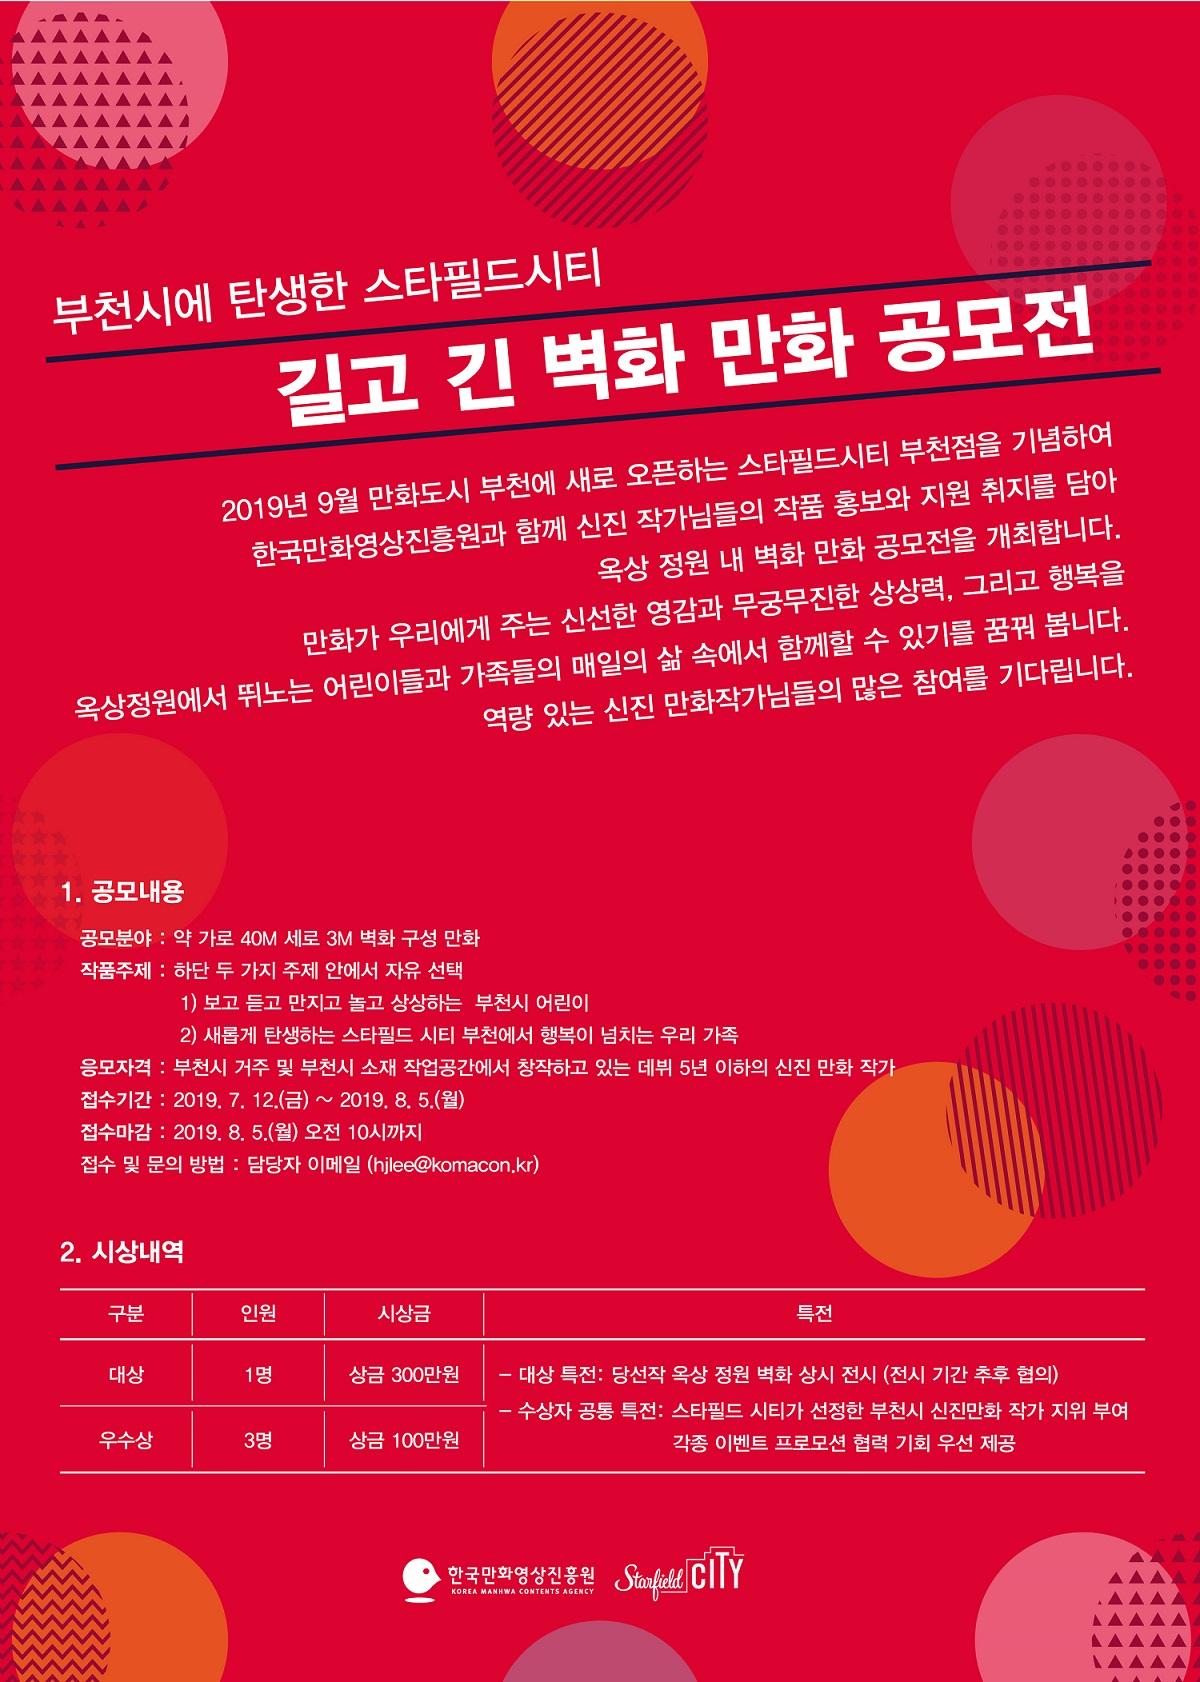 한국만화영상진흥원과 스타필드 부천점 '길고 긴 벽화 만화 공모전'개최